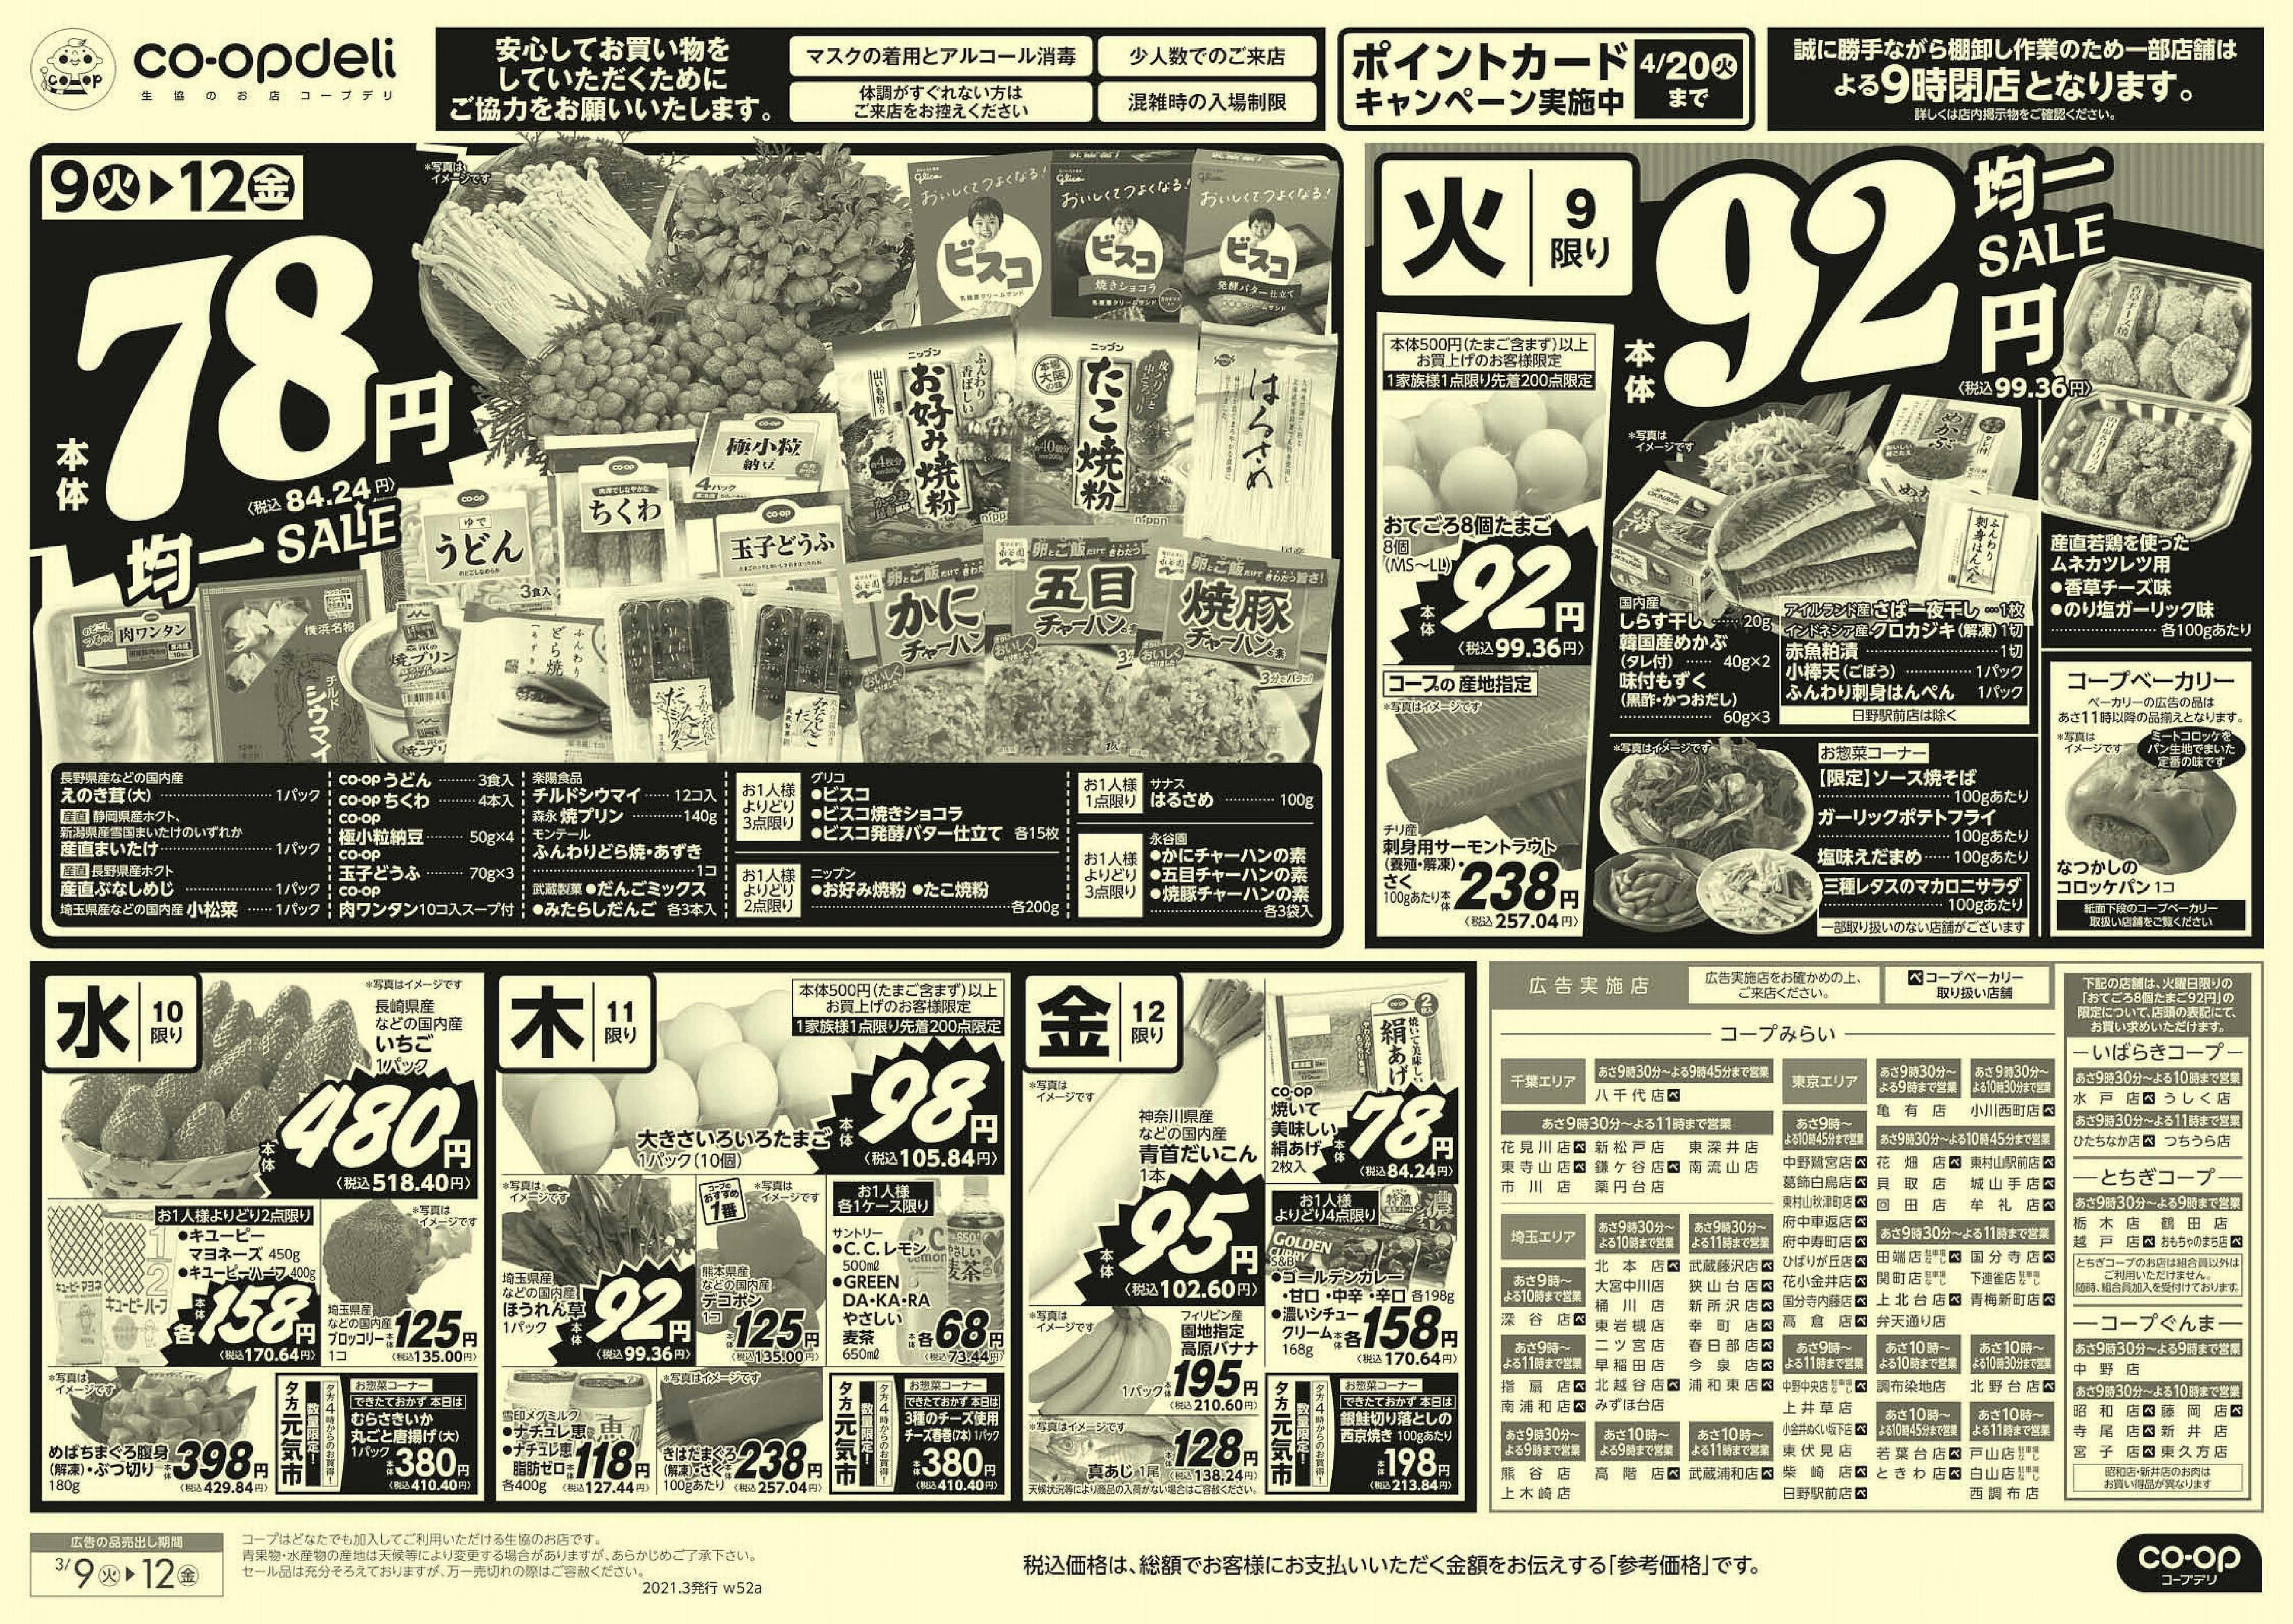 とちぎコープ 78円均一/フレッシュ市